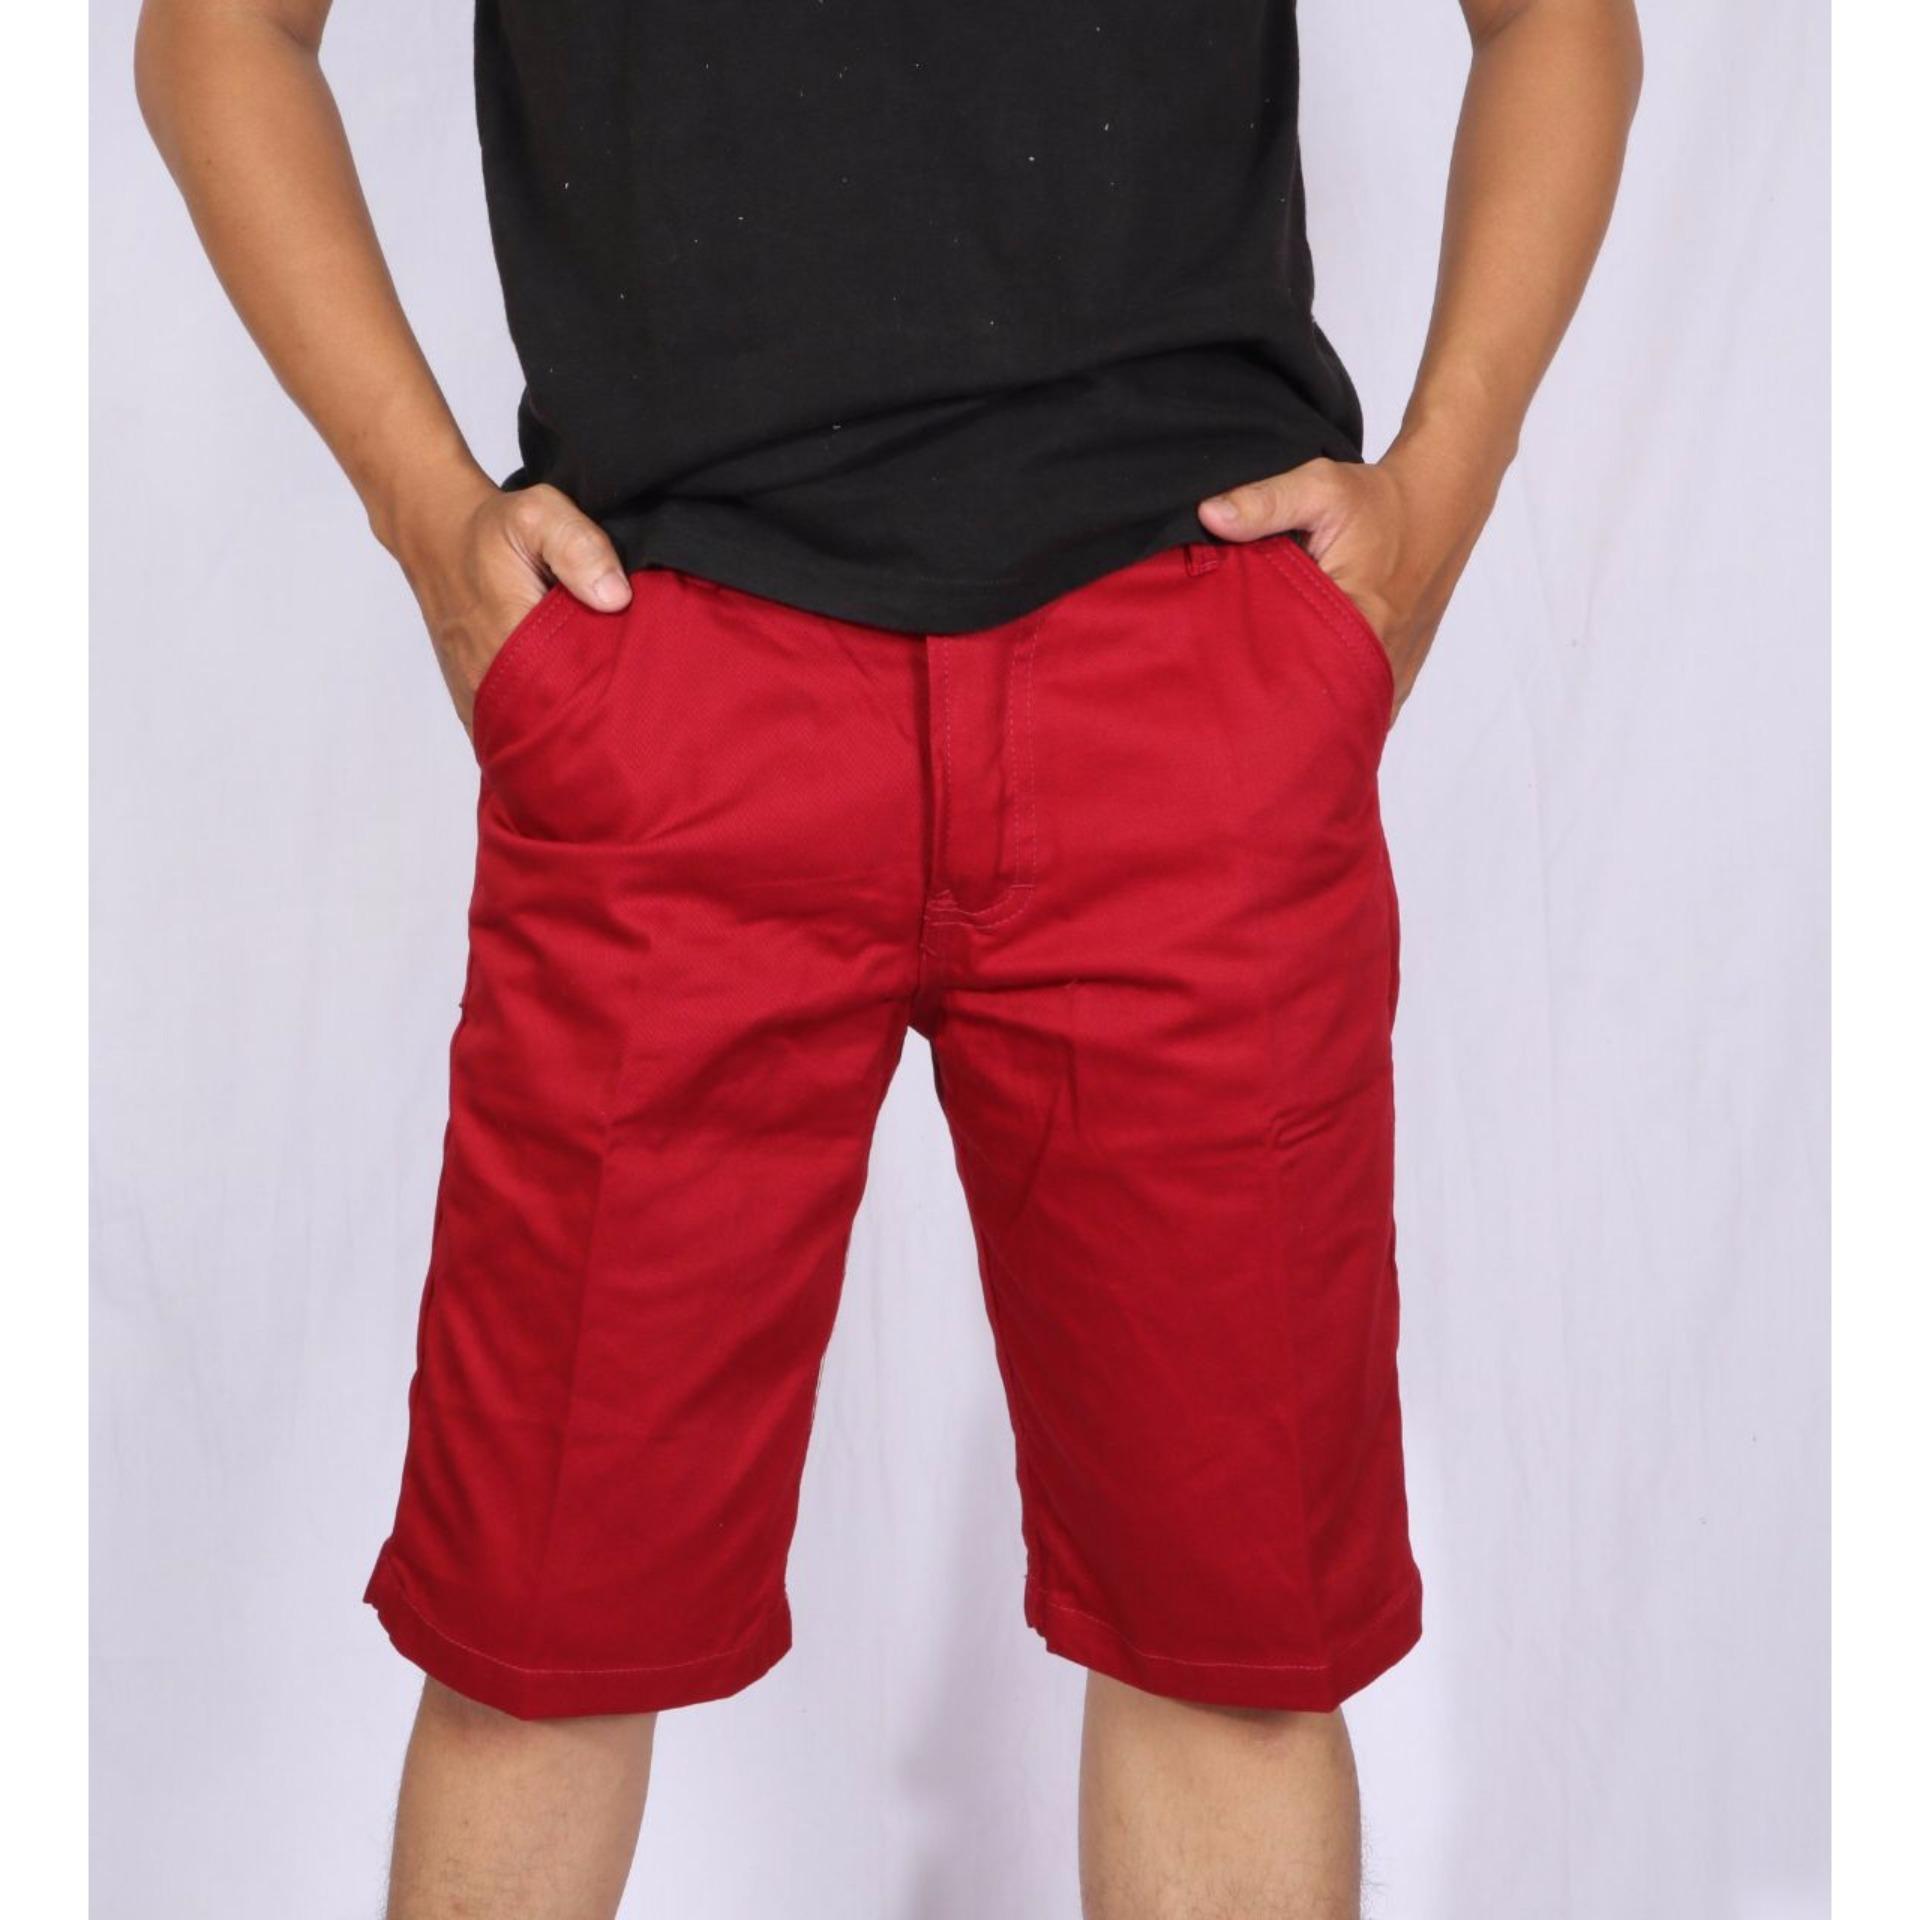 Gudang Fashion Celana Pantai Motif Keren Dan Gaul Ungu Kombinasi3 Pendek Distro Pria Polyester Multi Colour Cln 736 Casual Cino Murah Berkualitas Premium Merah Bata